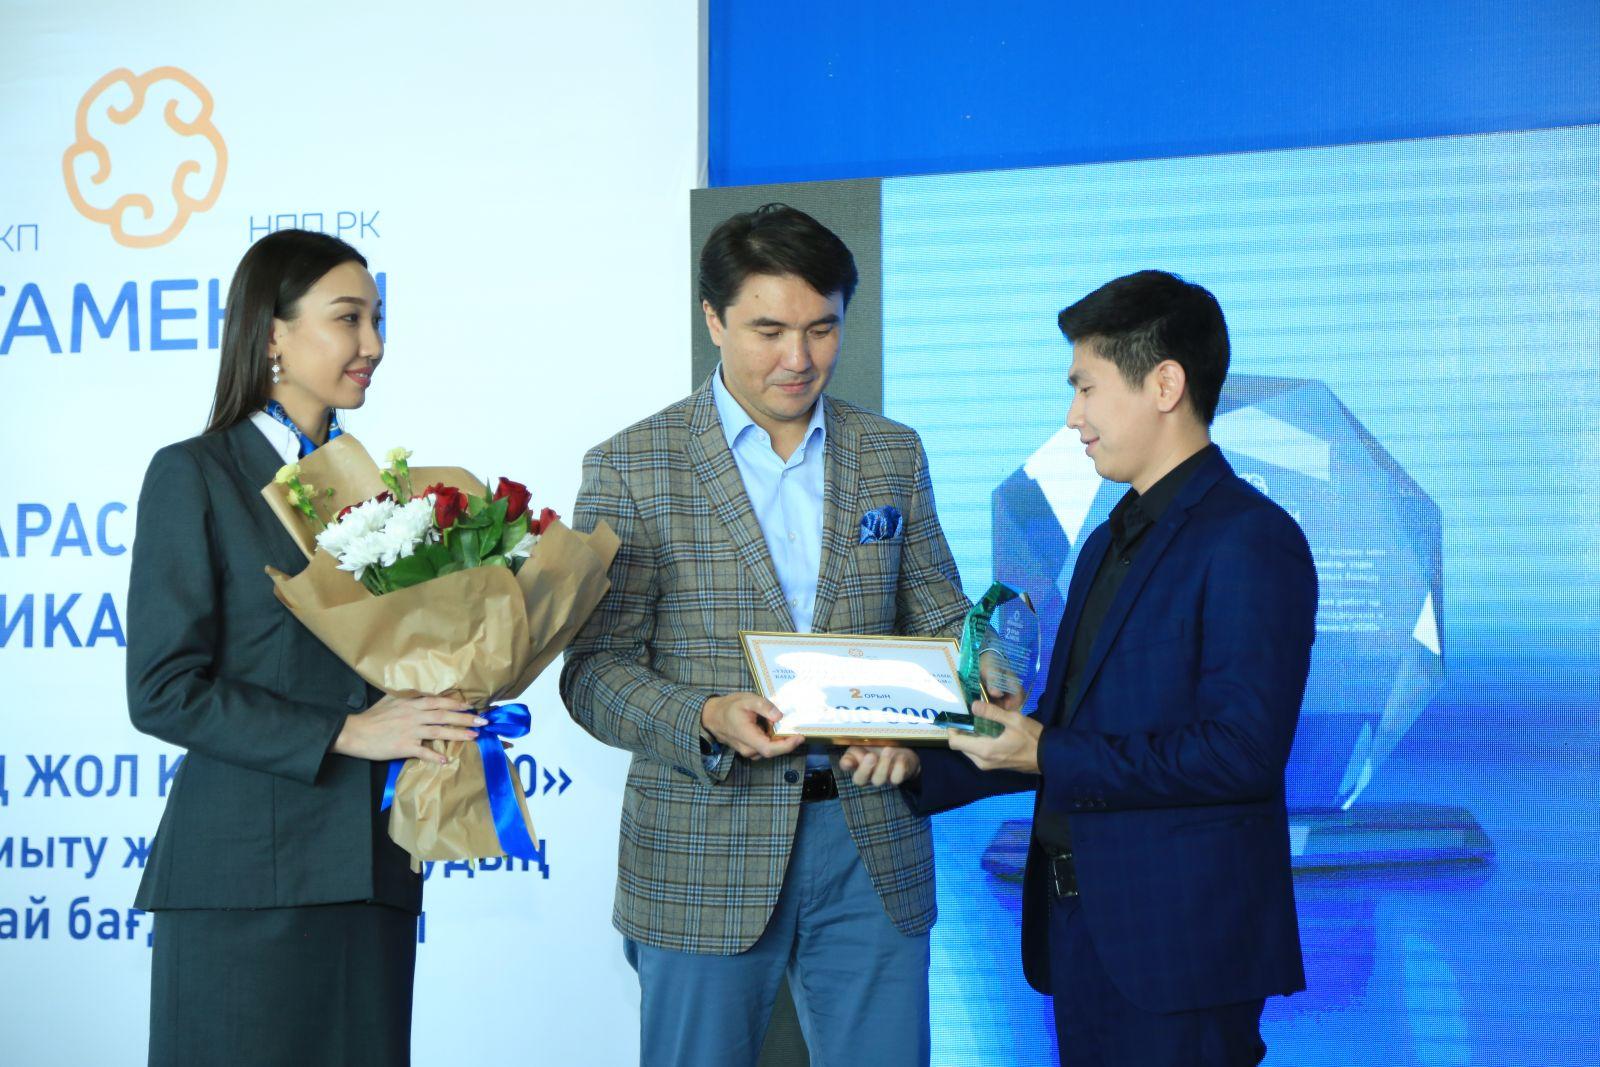 Награждены победители конкурса среди СМИ